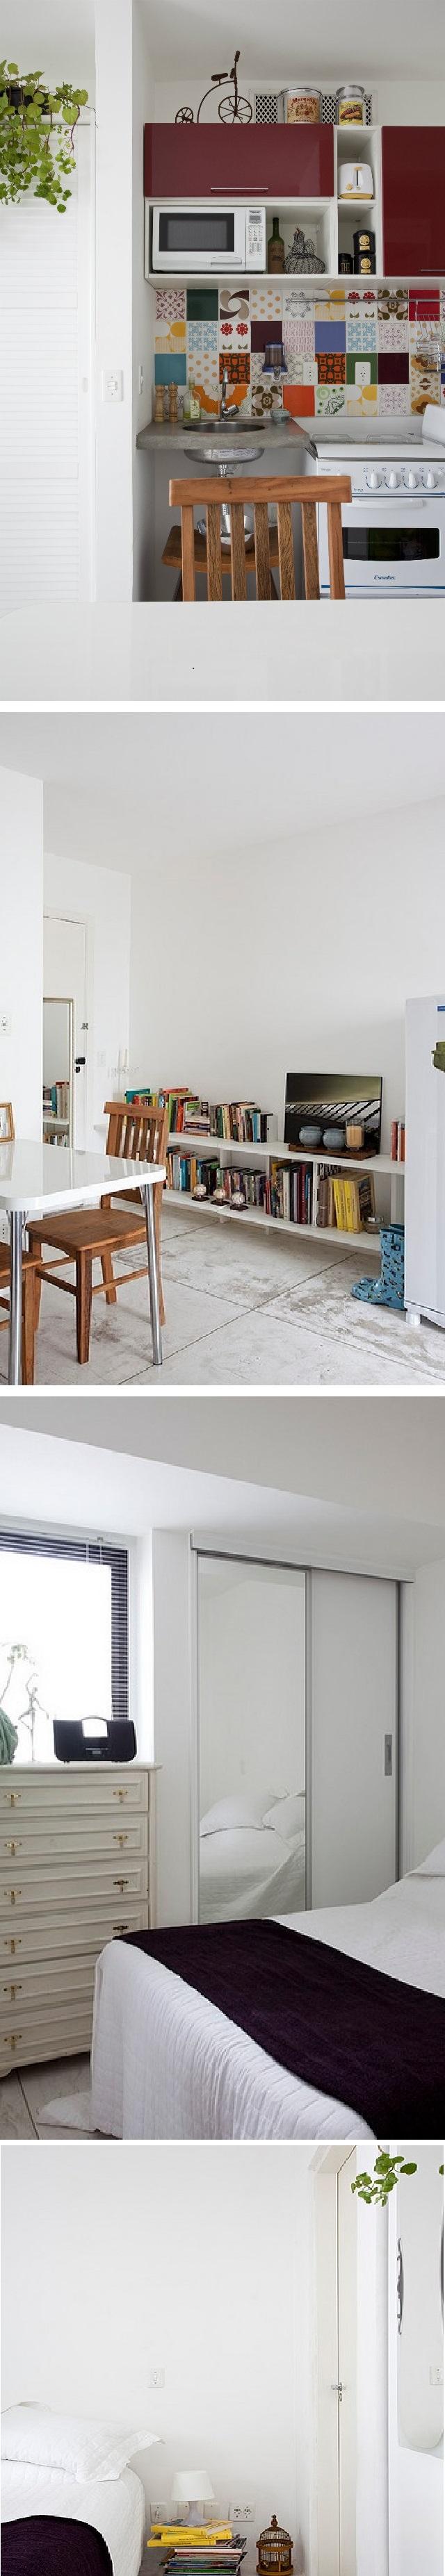 Apartamento pequeno Ideias 3